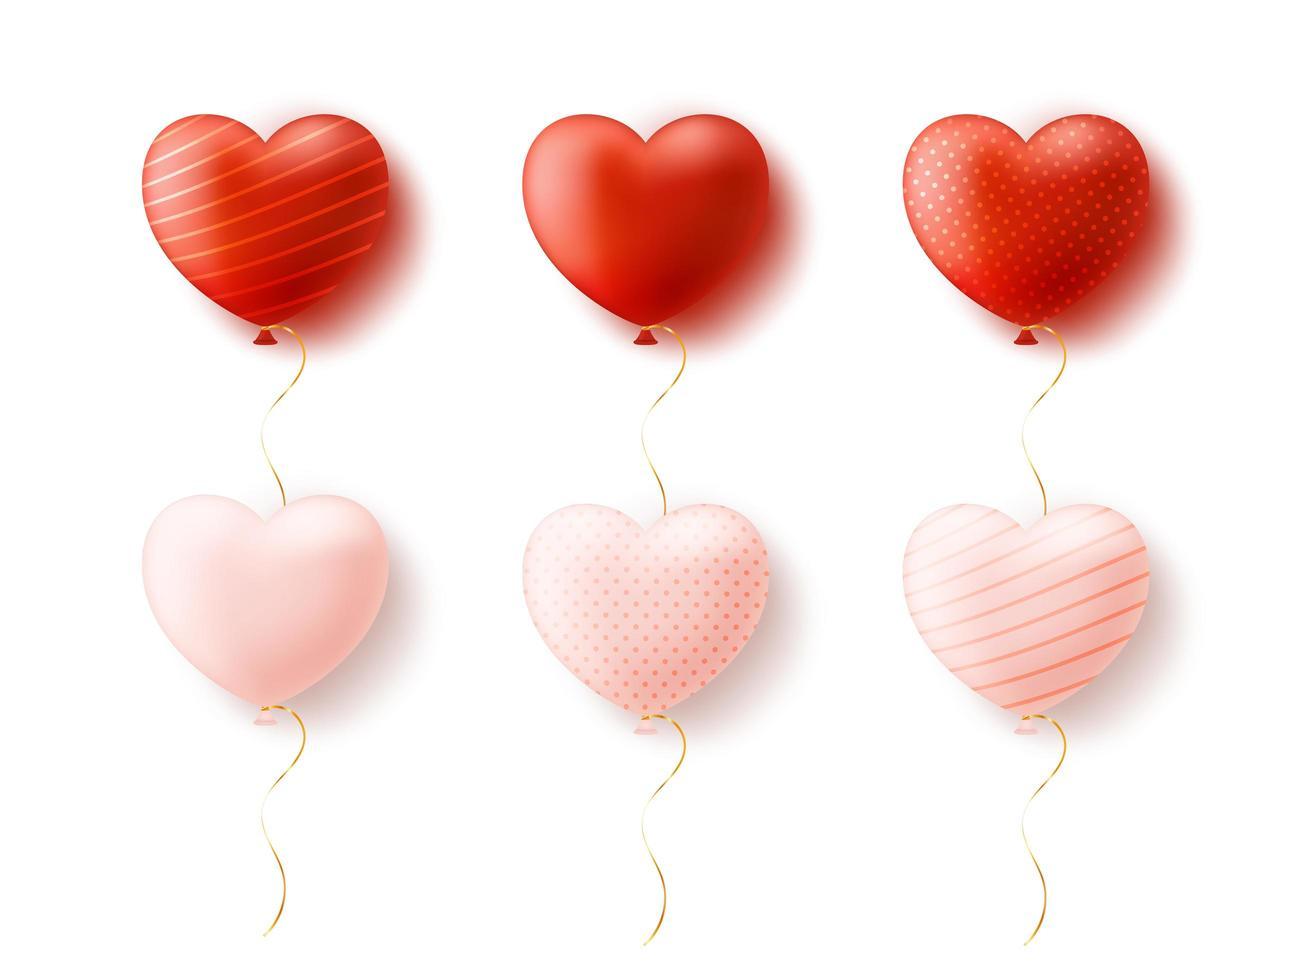 uppsättning ballong hjärta former isolerad på vit bakgrund vektor